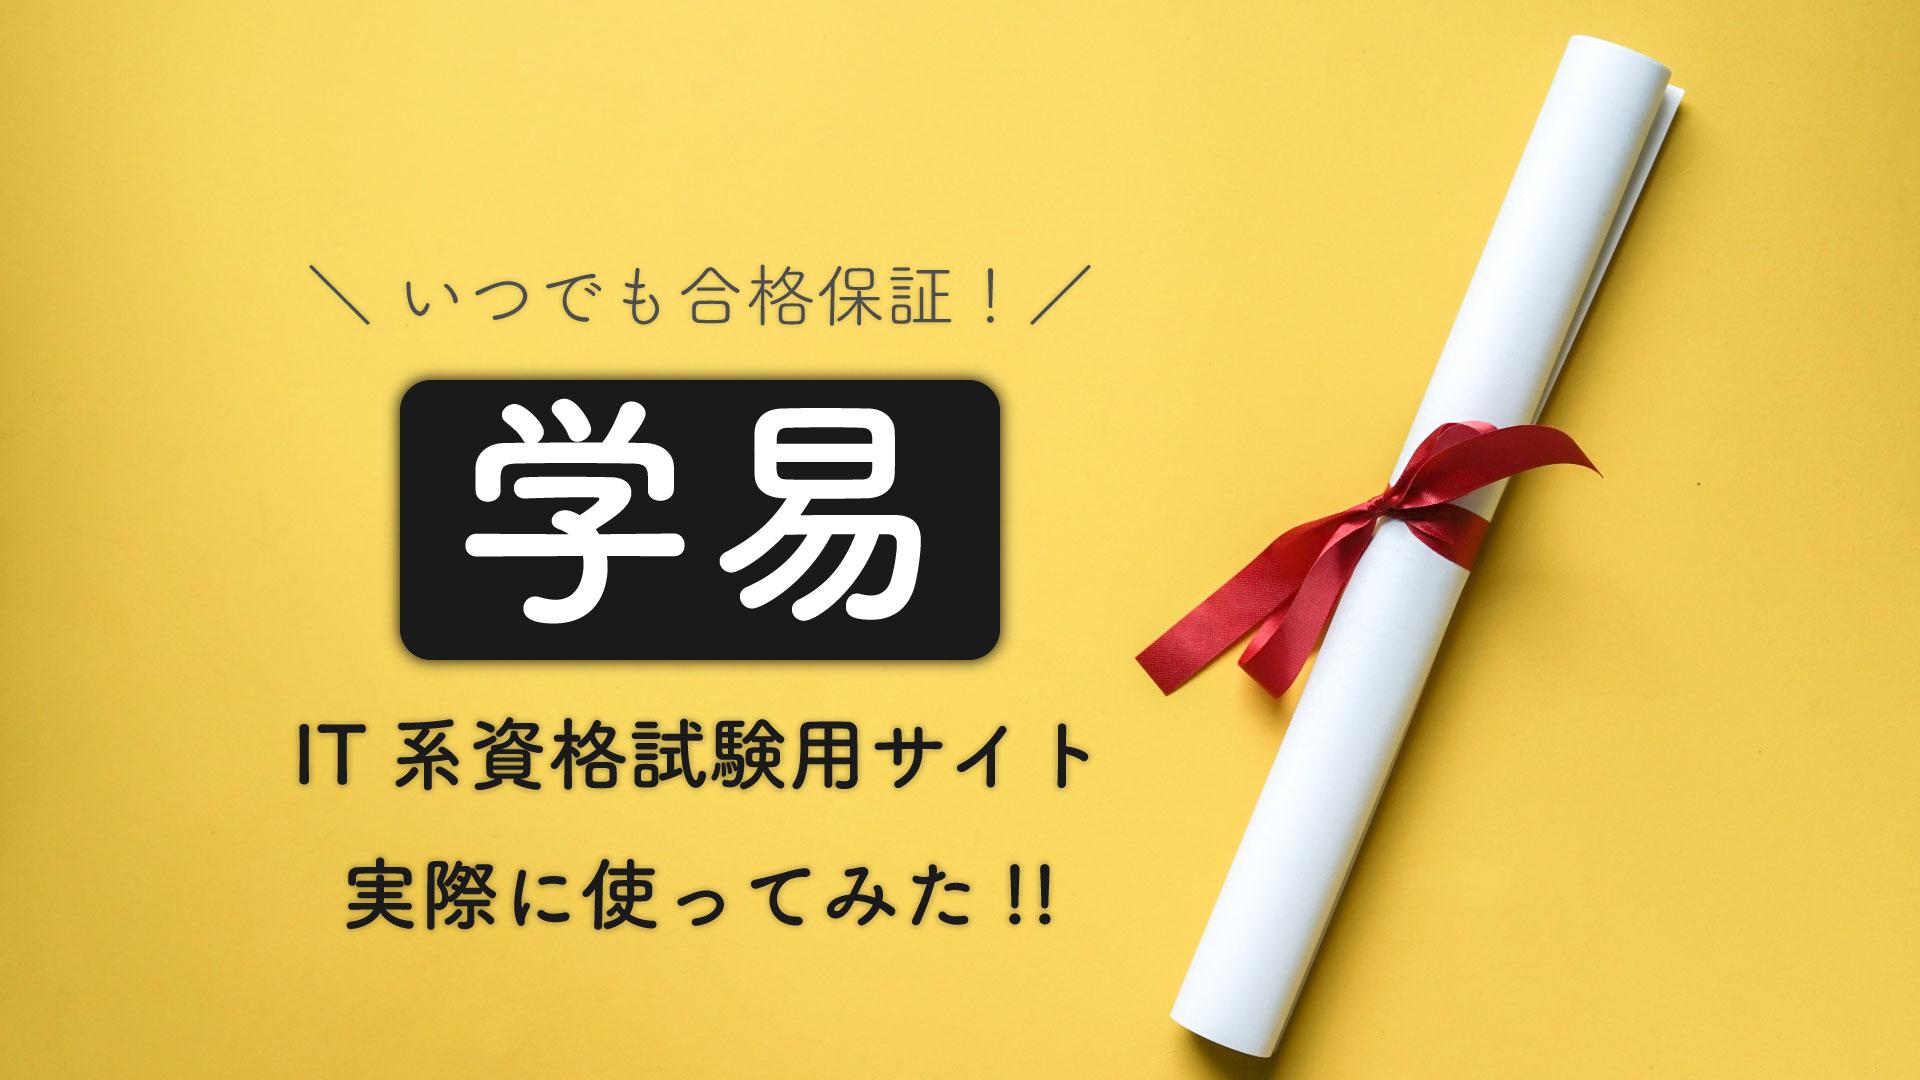 【割引特典】プログラミングを学べるサイト「学易」とは!?